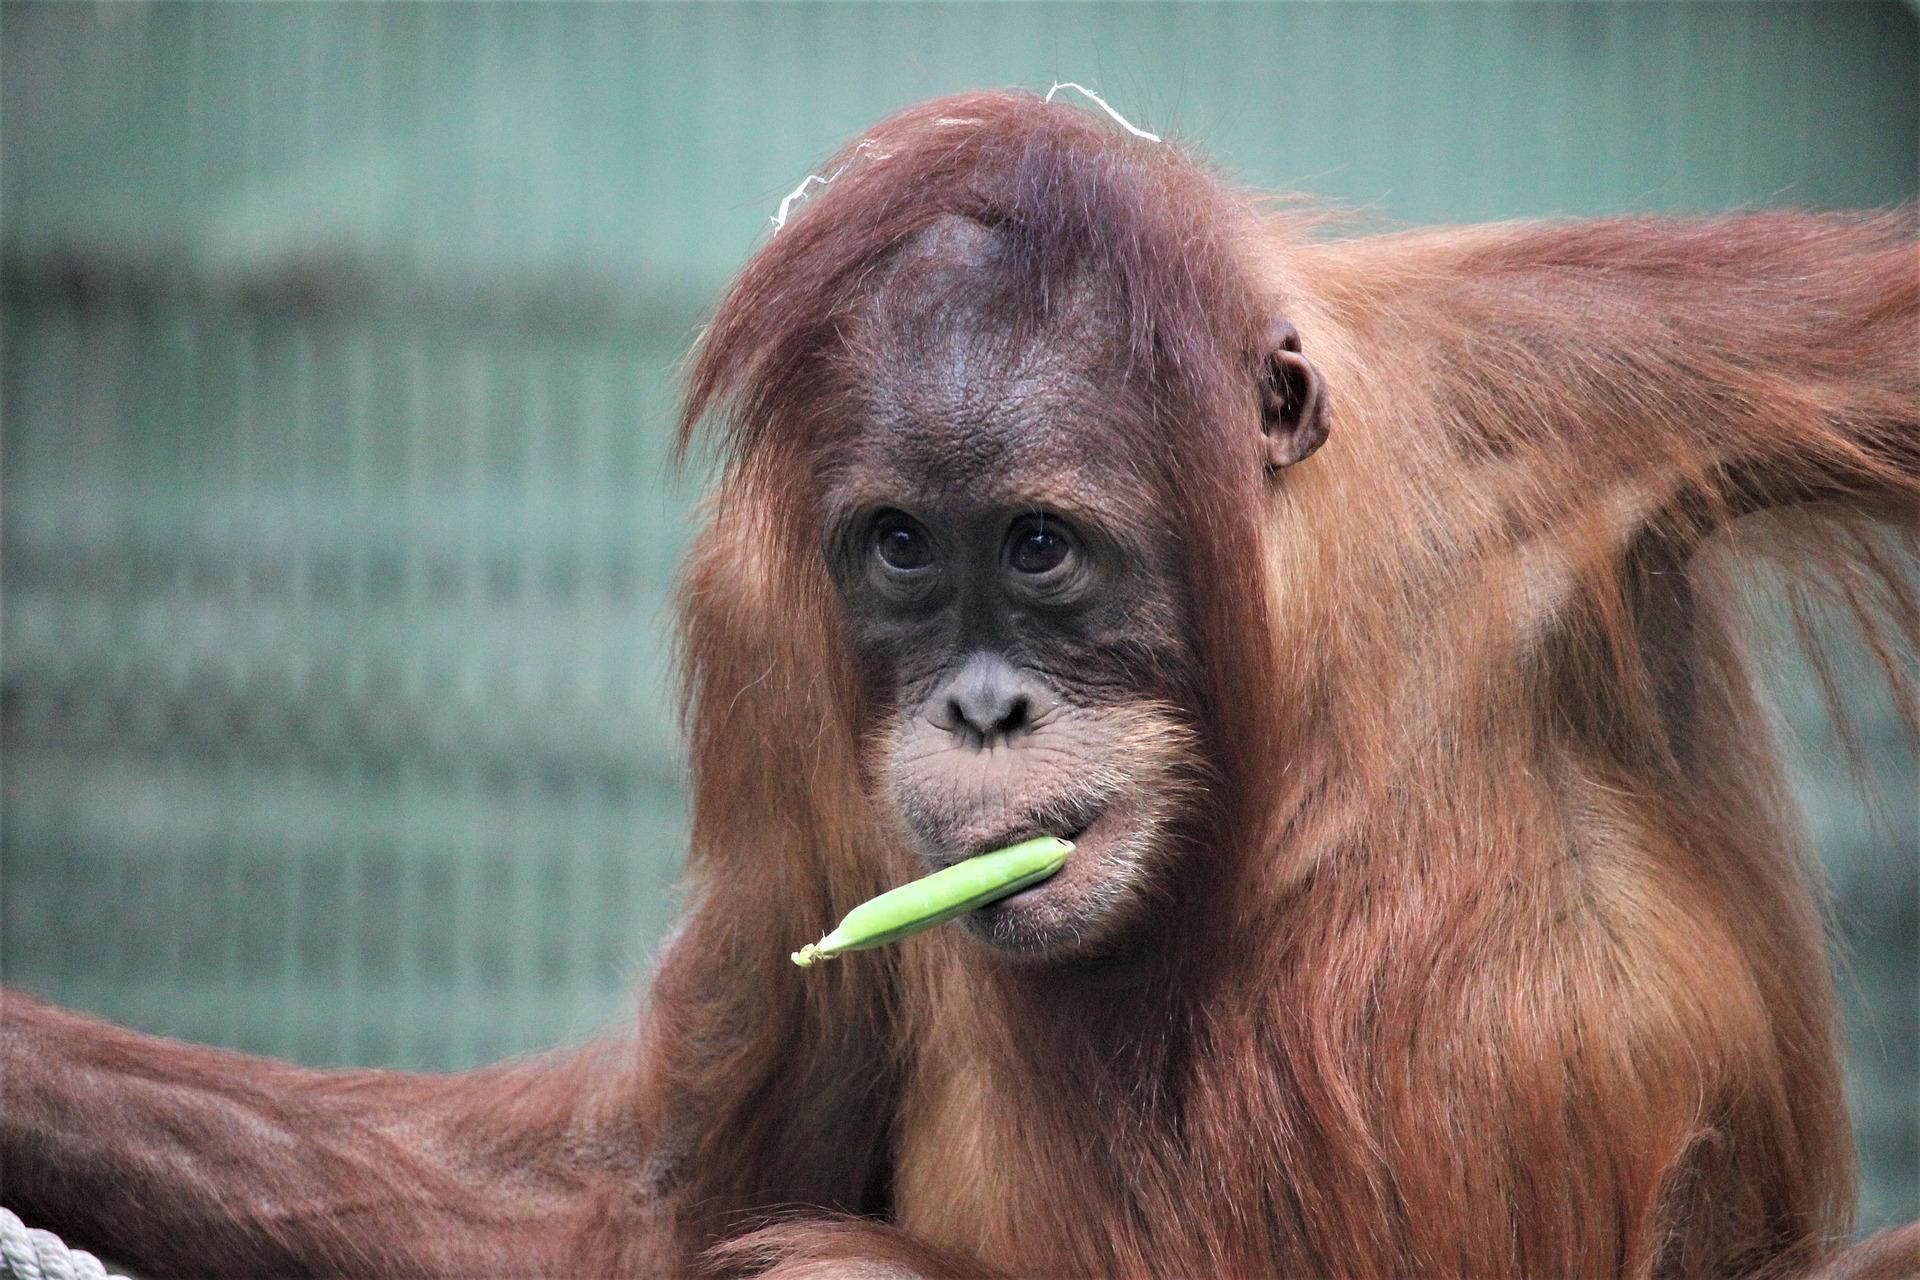 גם הקופים בגן החיות של פראג אוהבים לאכול בננות